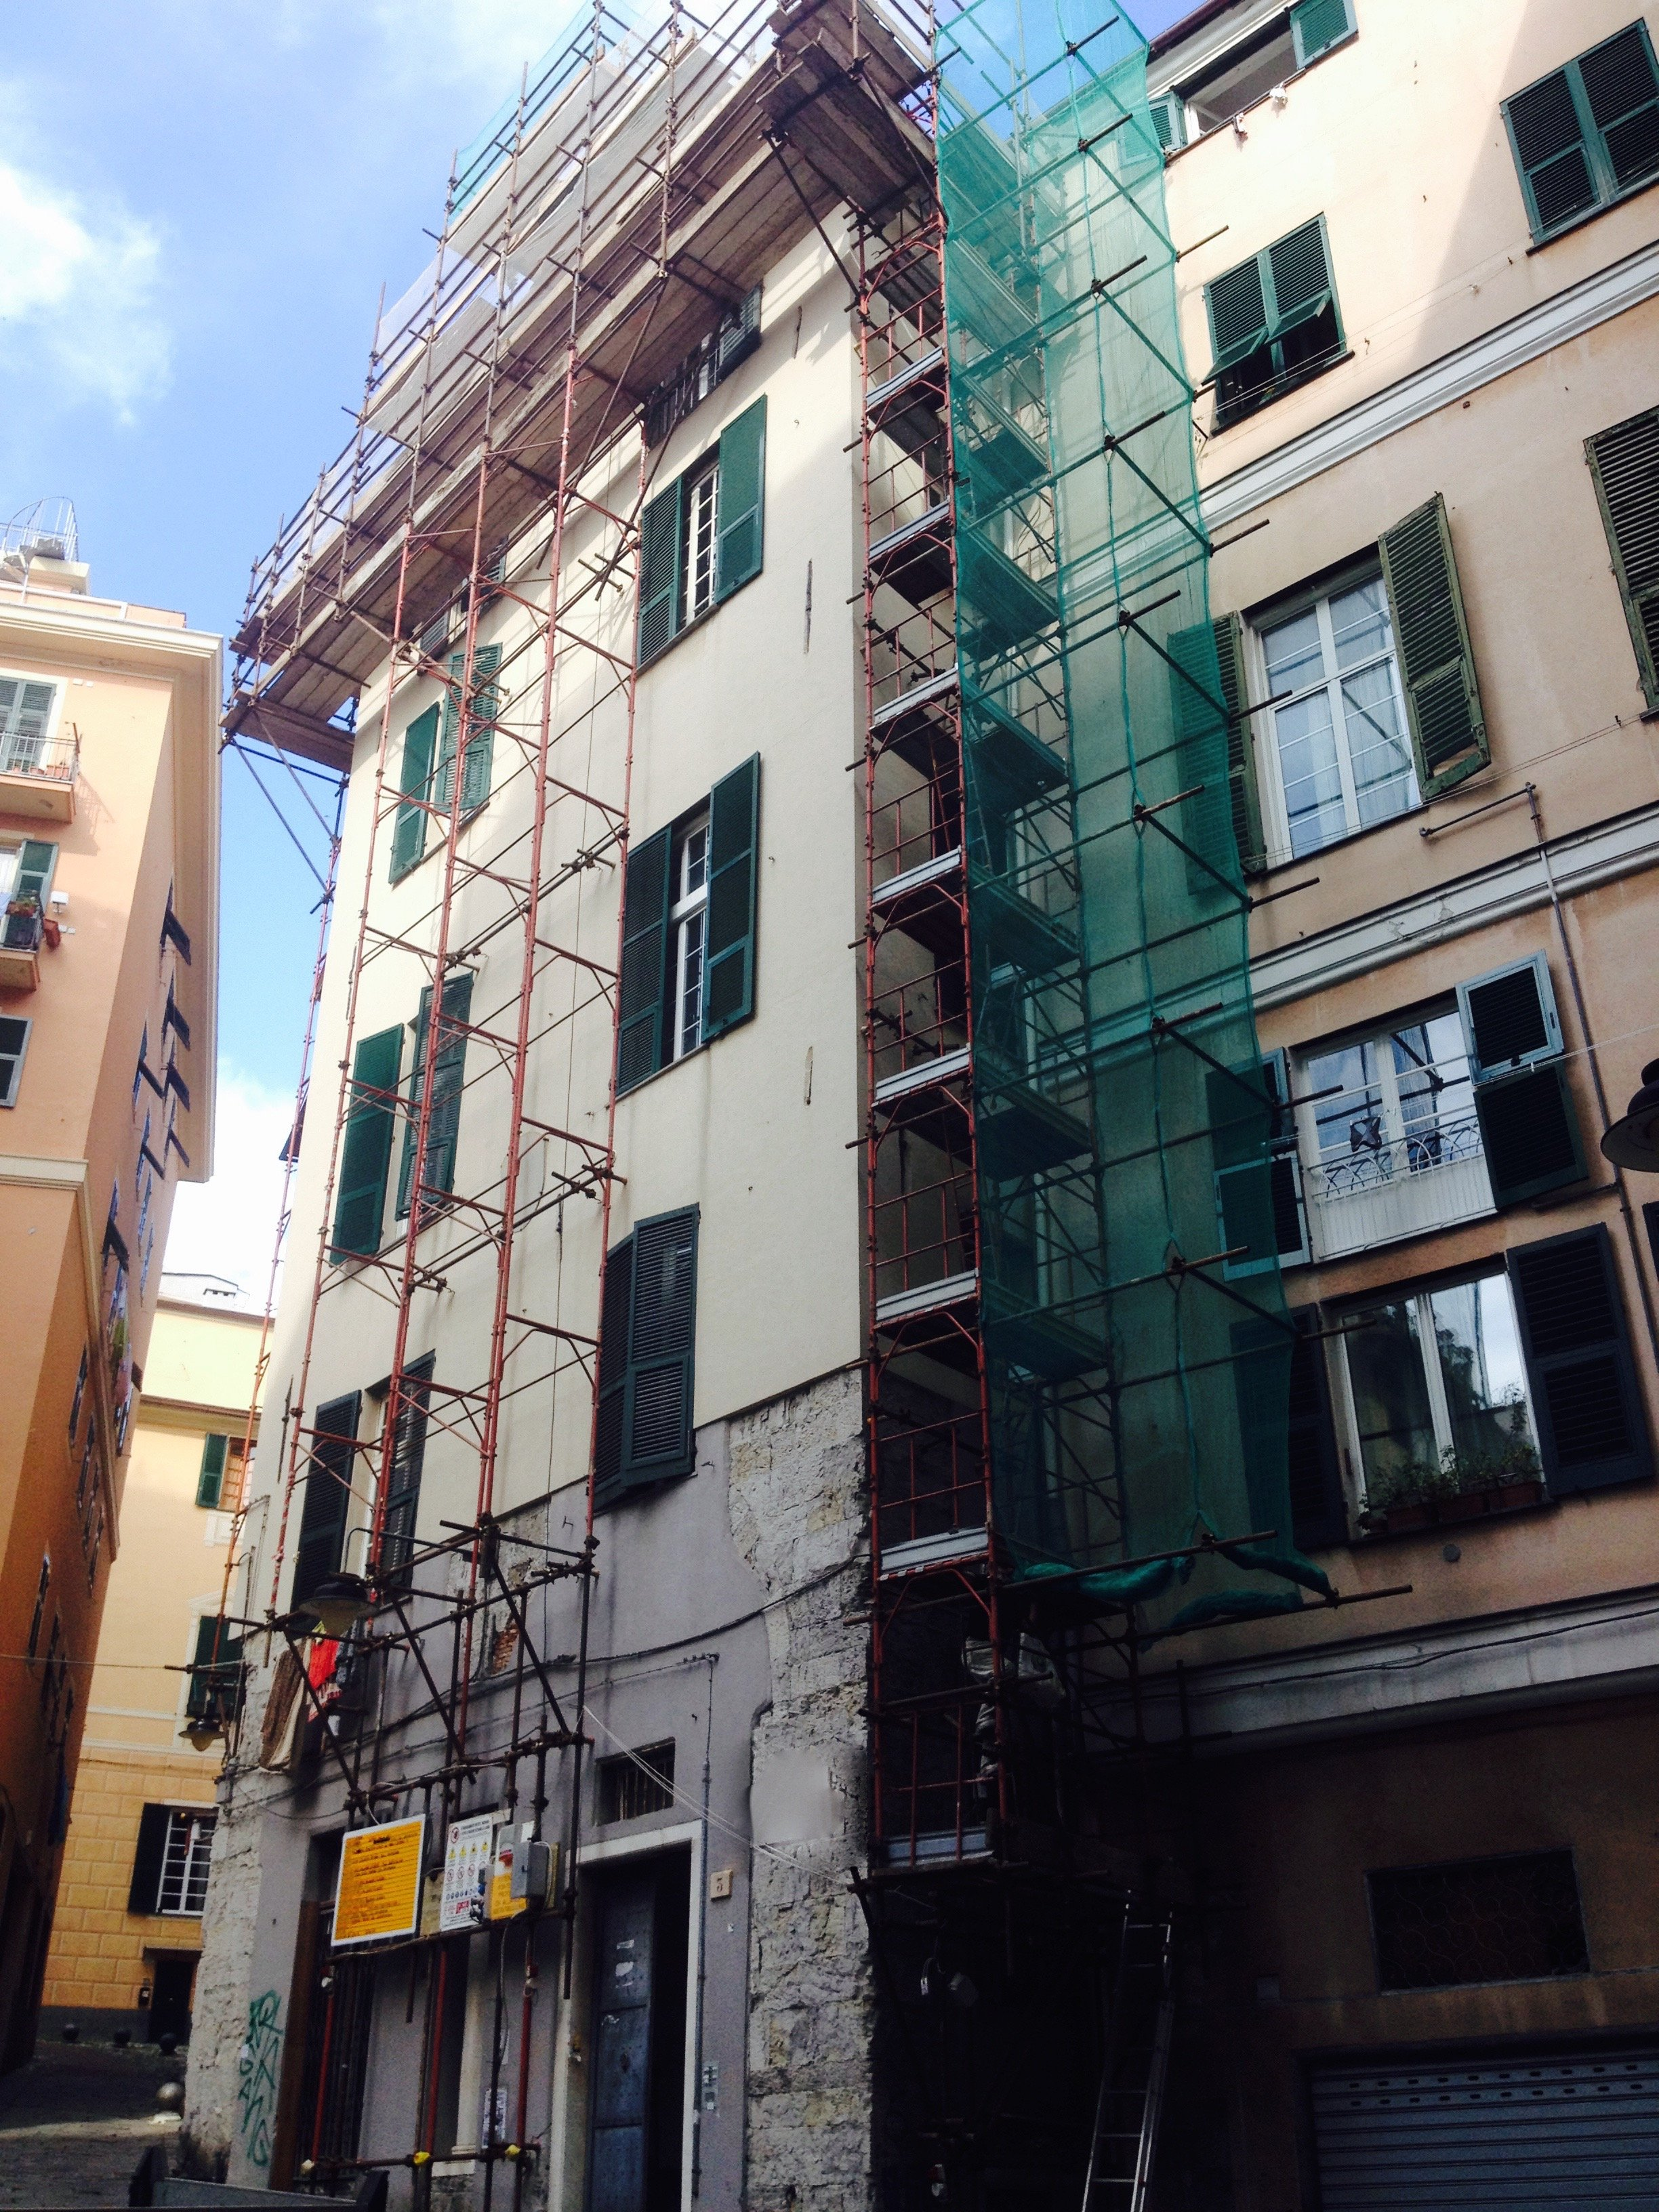 Impalcature installate sulla facciata di un edificio in cattive condizioni